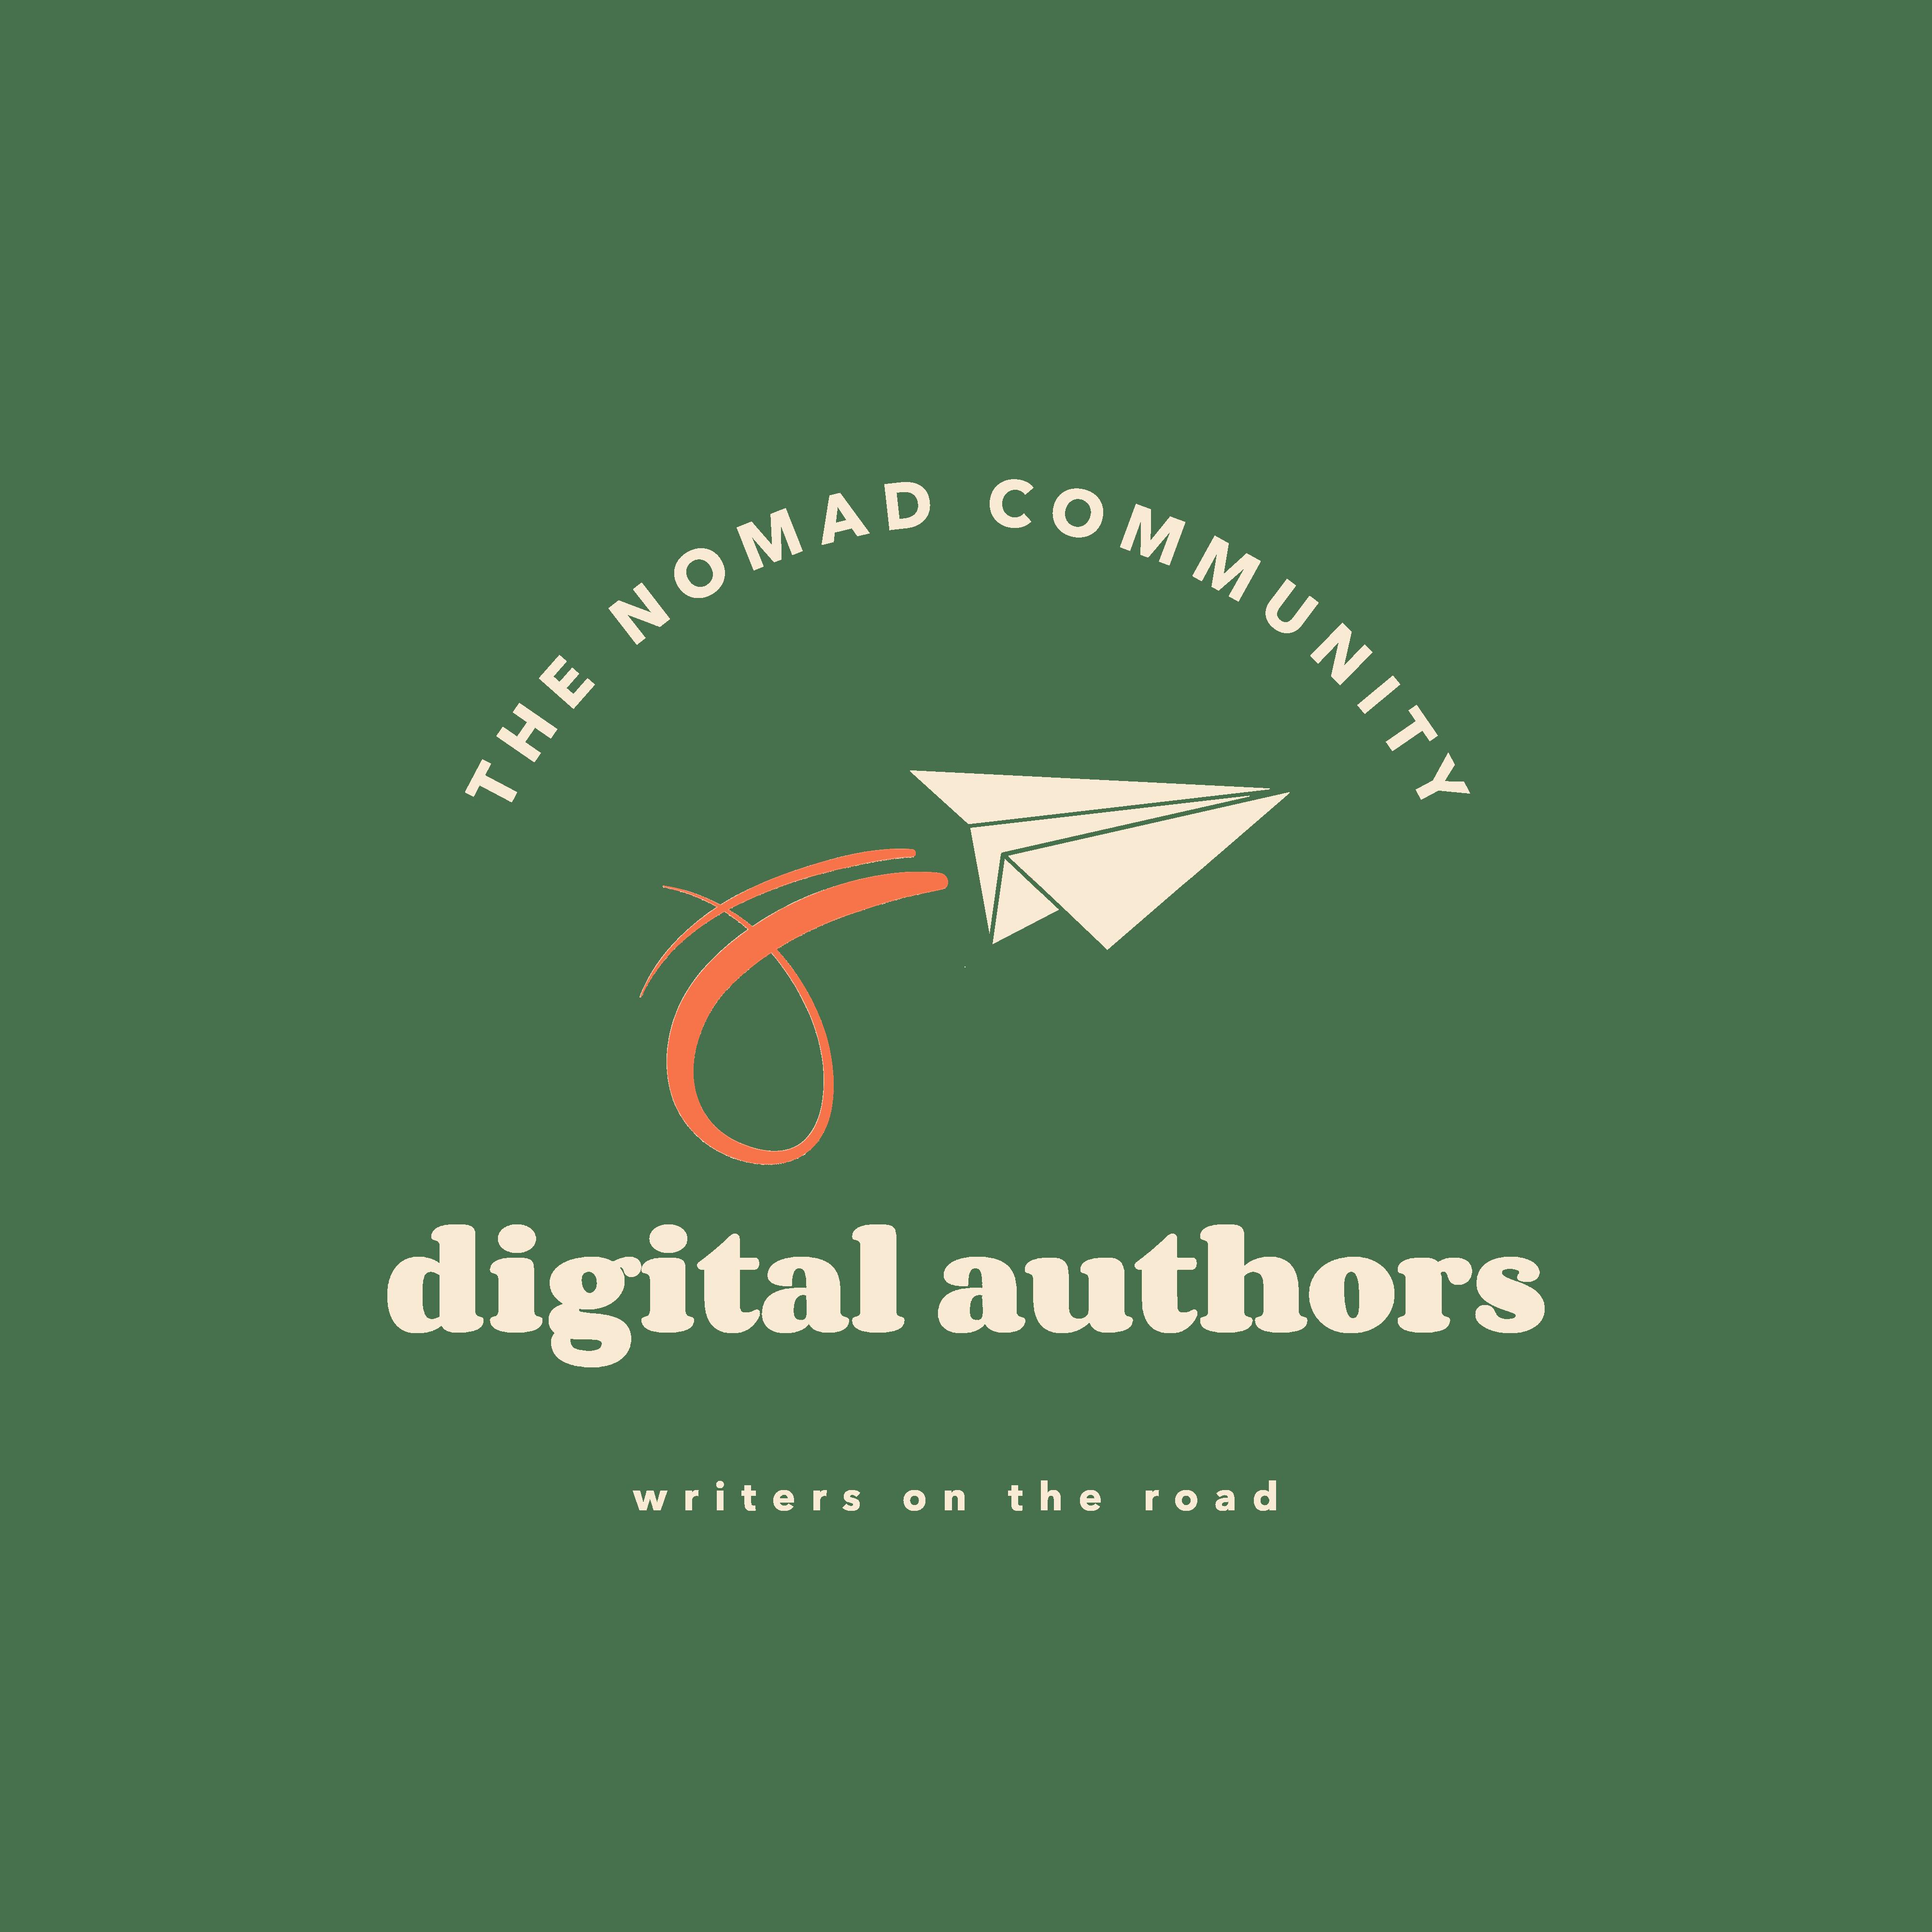 digital authors